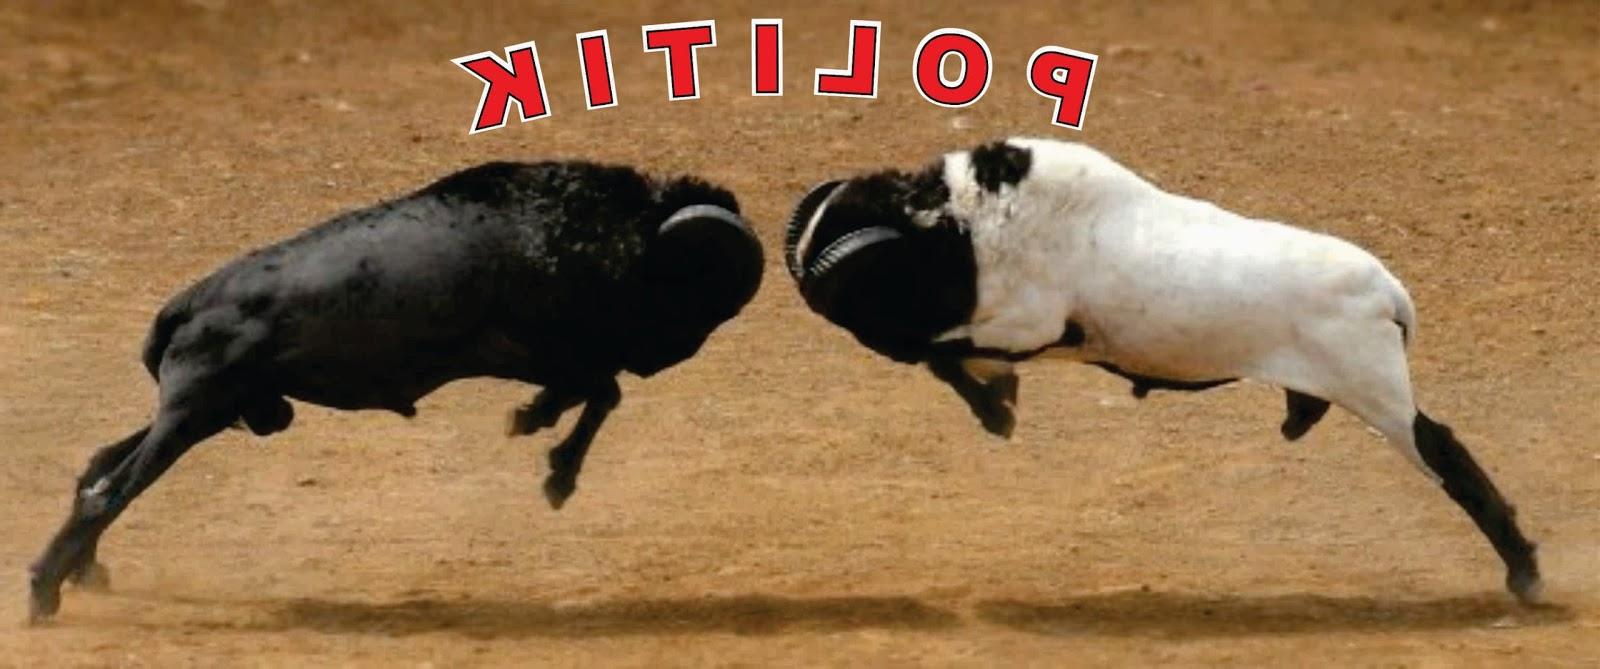 Adakah Politik Adu Domba Di Mimika Saat Ini?   Salam Papua within Gambar Domba Diadu